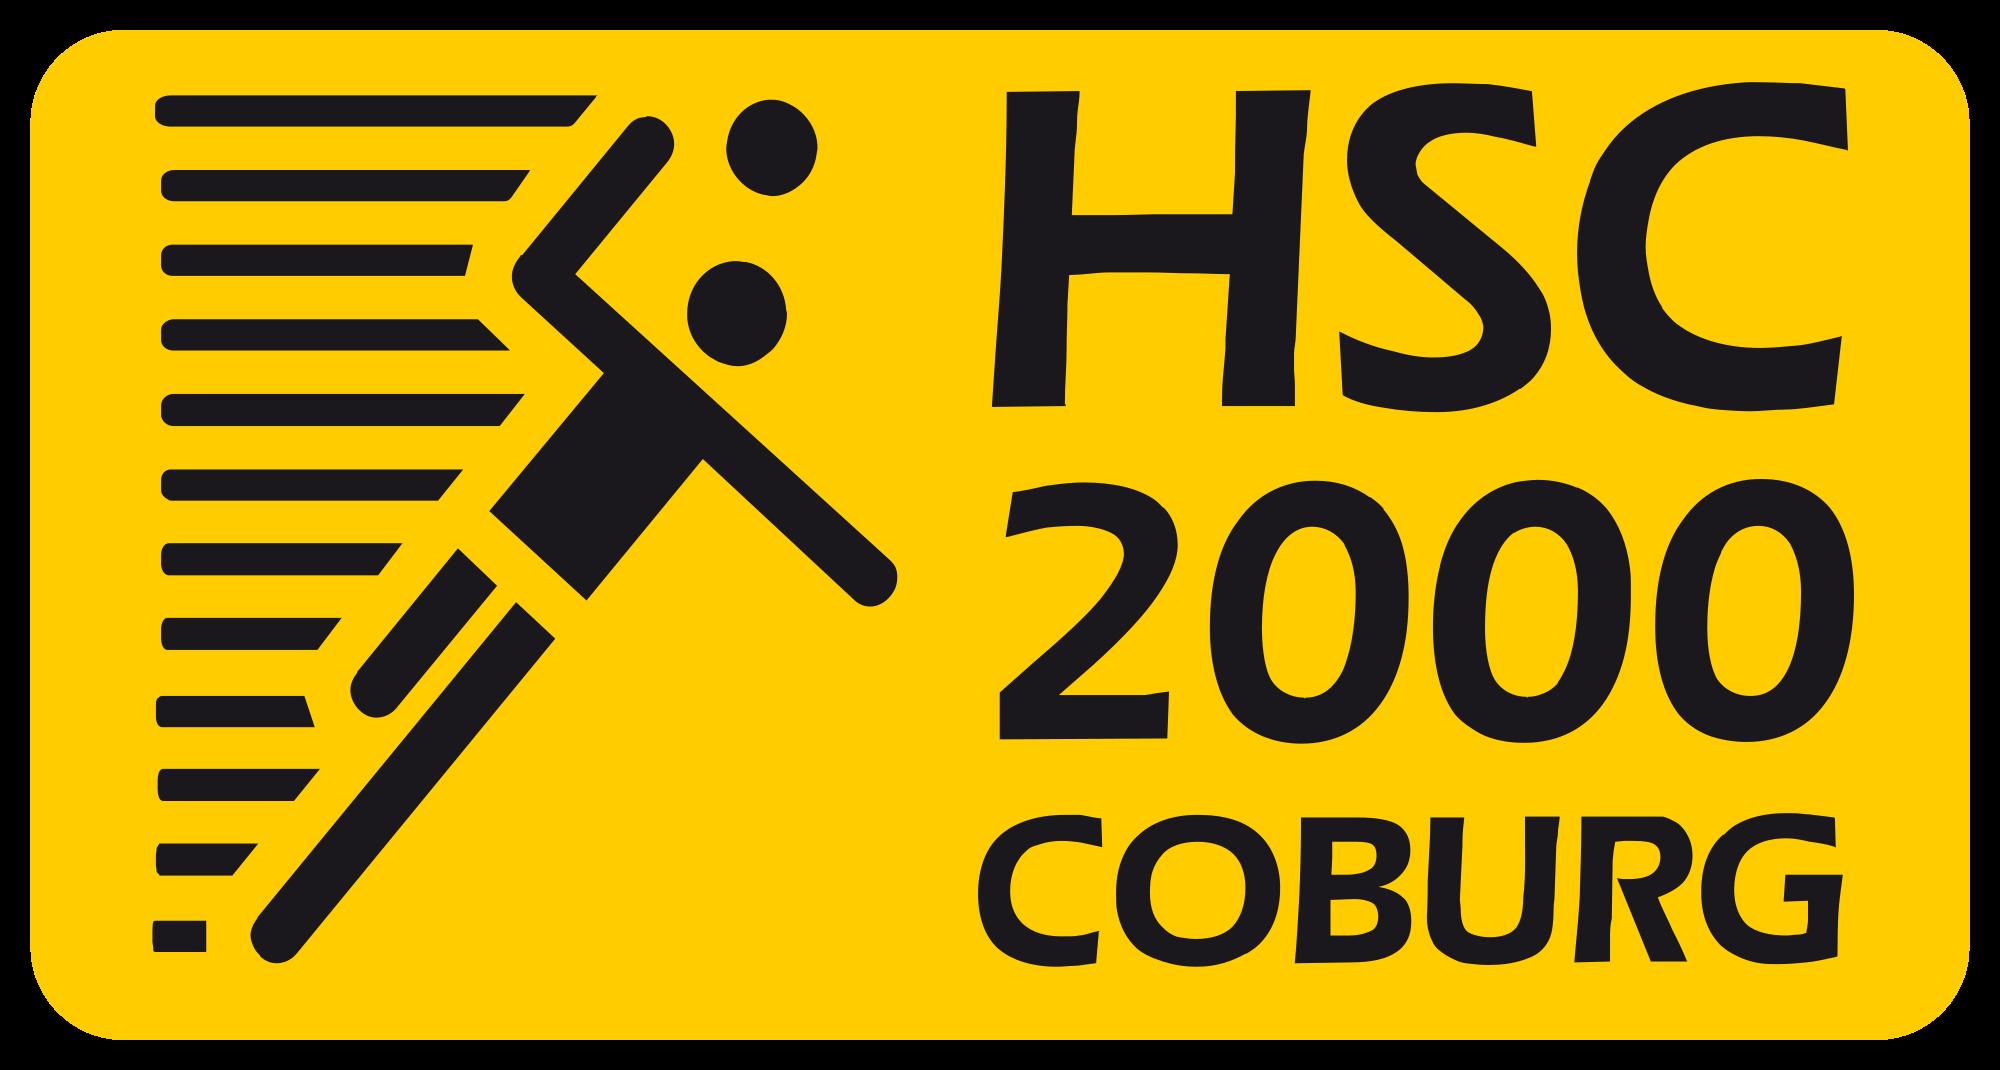 coburg 2000